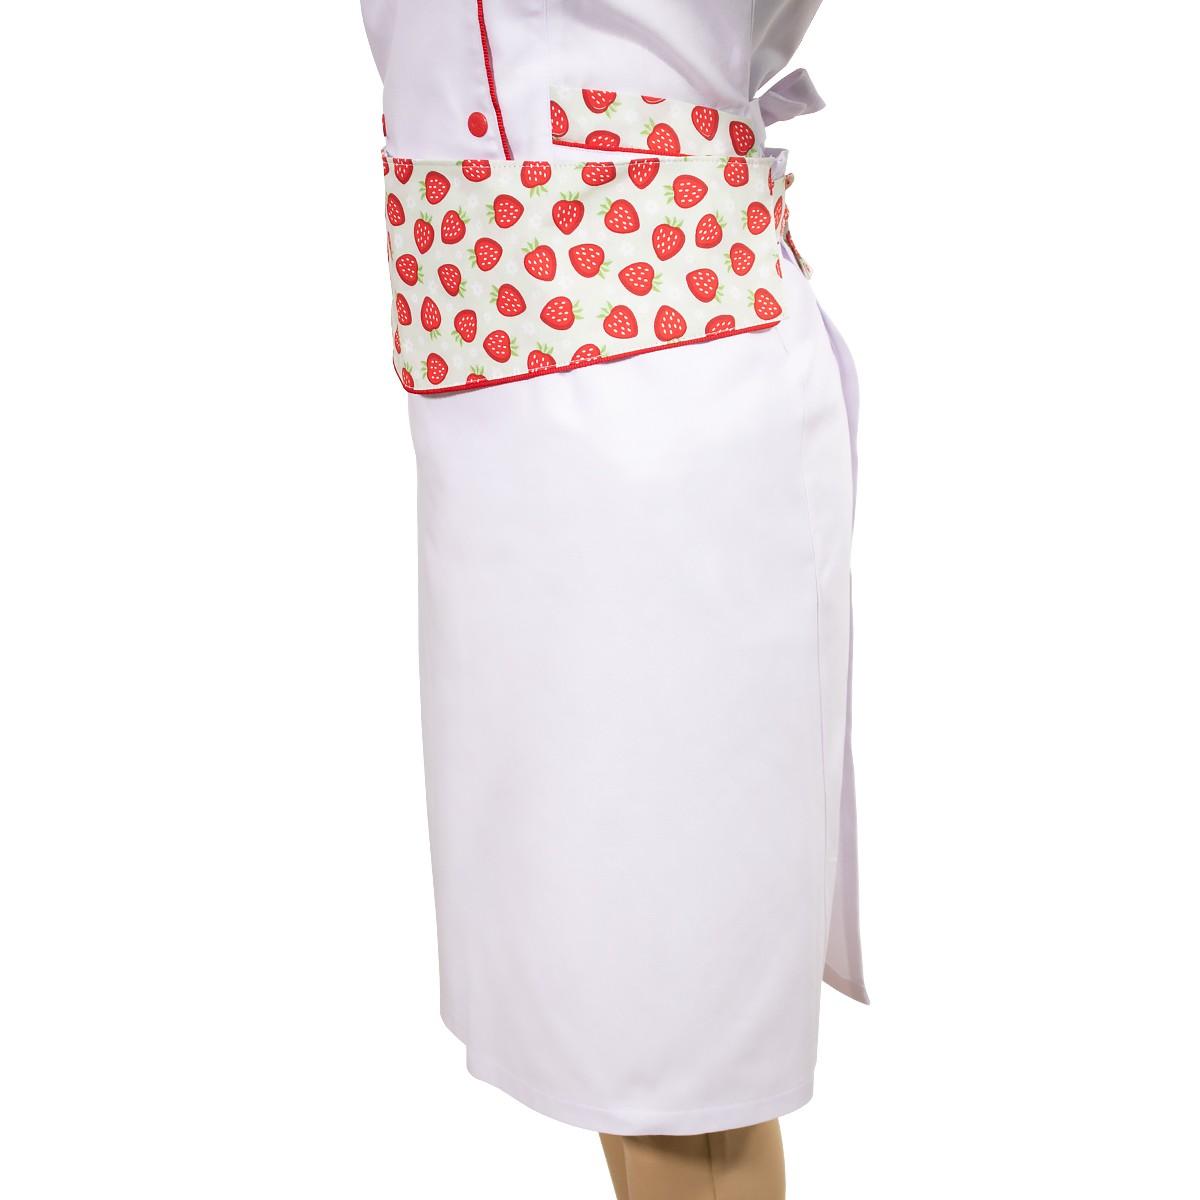 Dólmã Feminino Chef de Cozinha Avental e Bandana Morangos